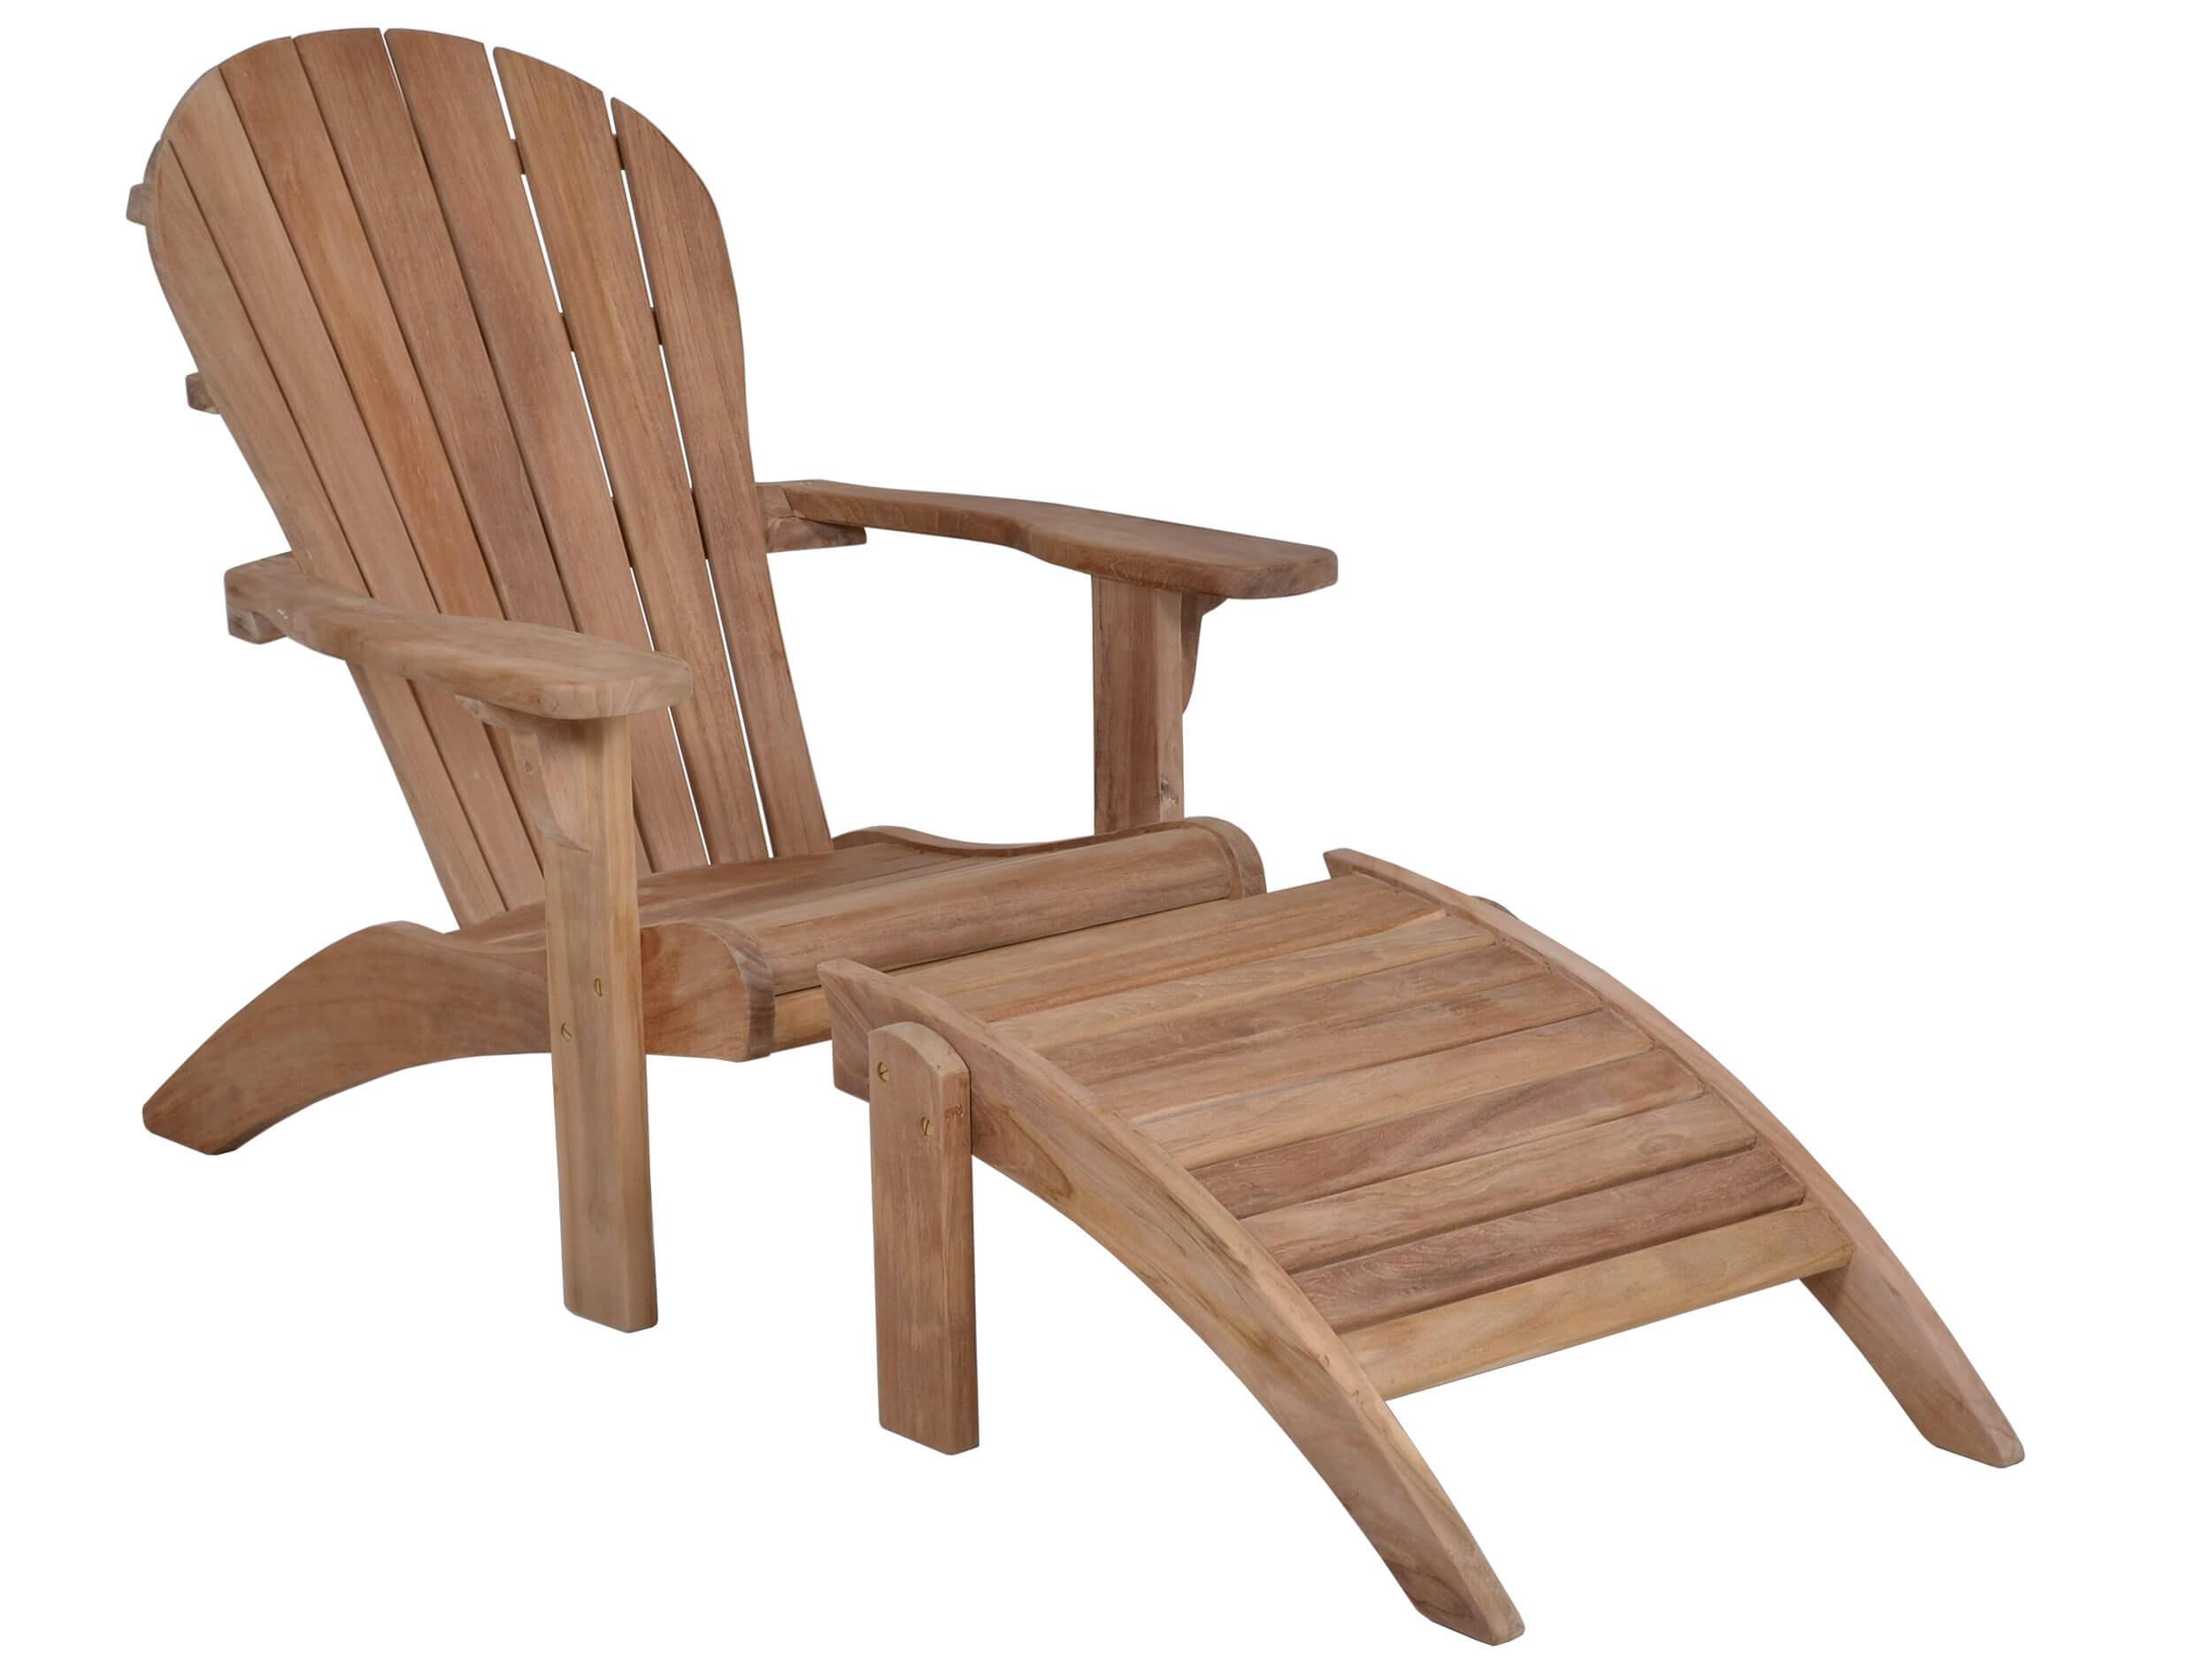 teakholz gartenm bel gartenm bel l nse. Black Bedroom Furniture Sets. Home Design Ideas